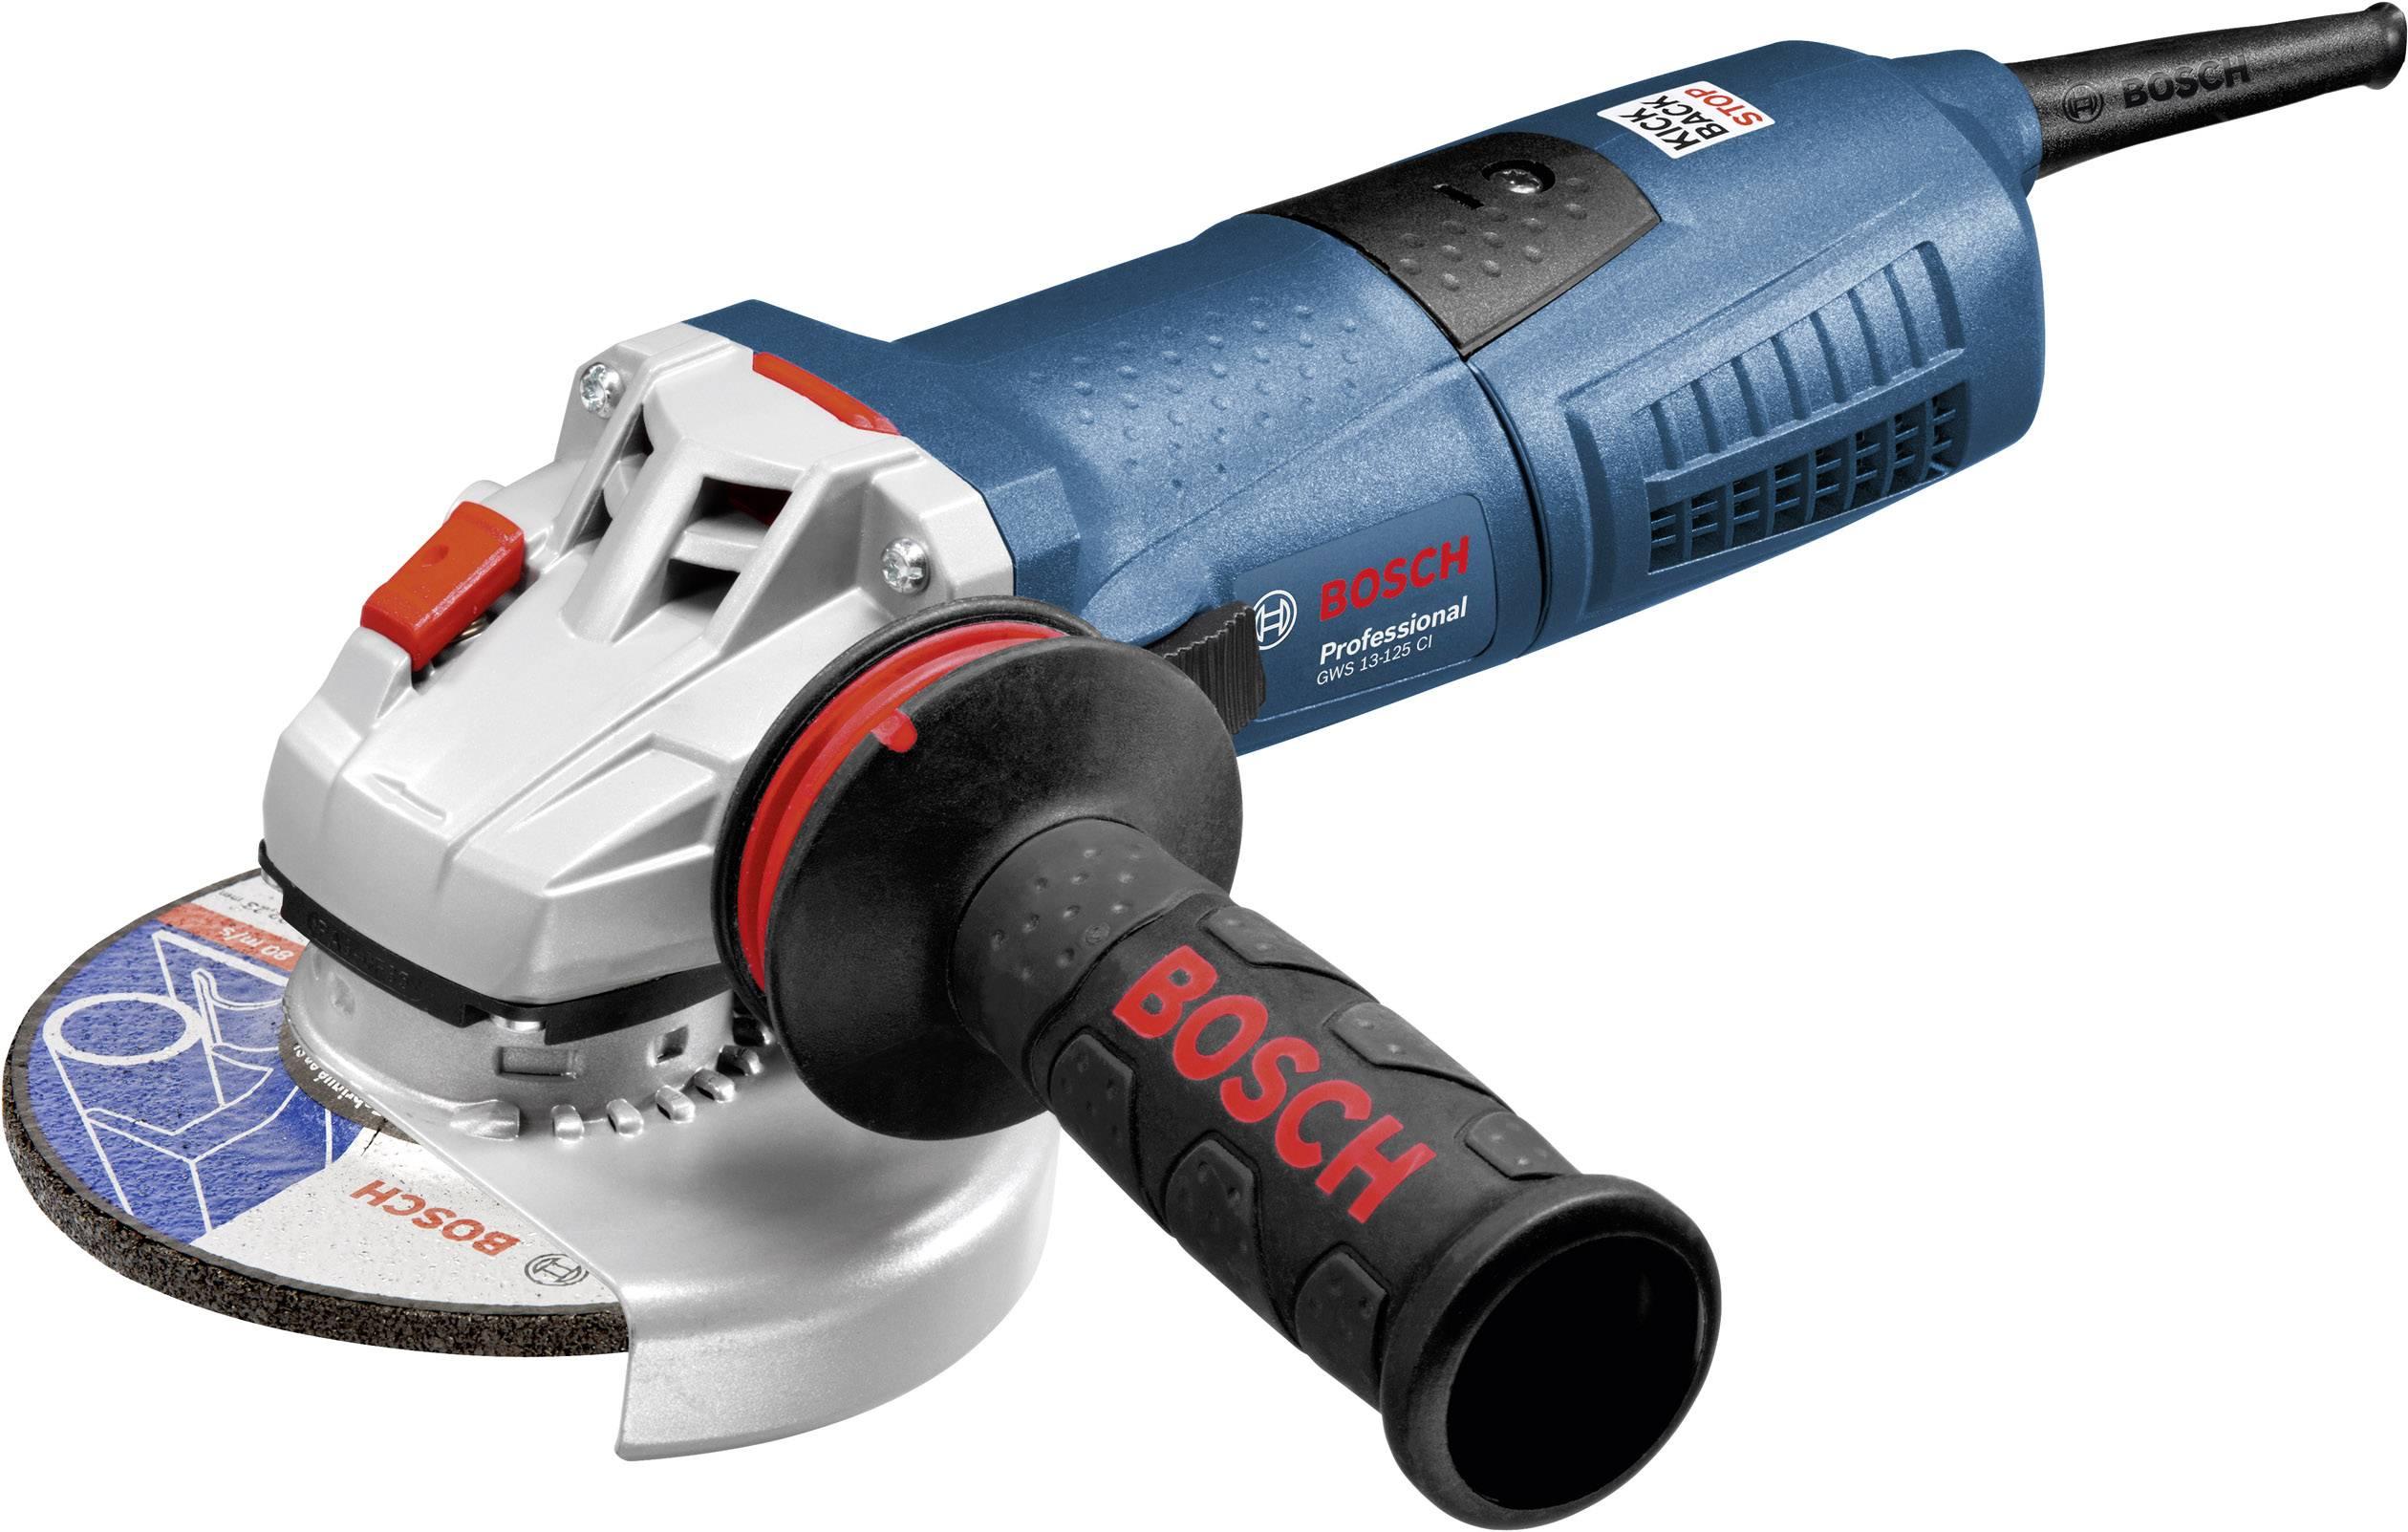 Úhlová bruska Bosch Professional GWS 13-125 CI 060179E003, 125 mm, kufřík, 1300 W